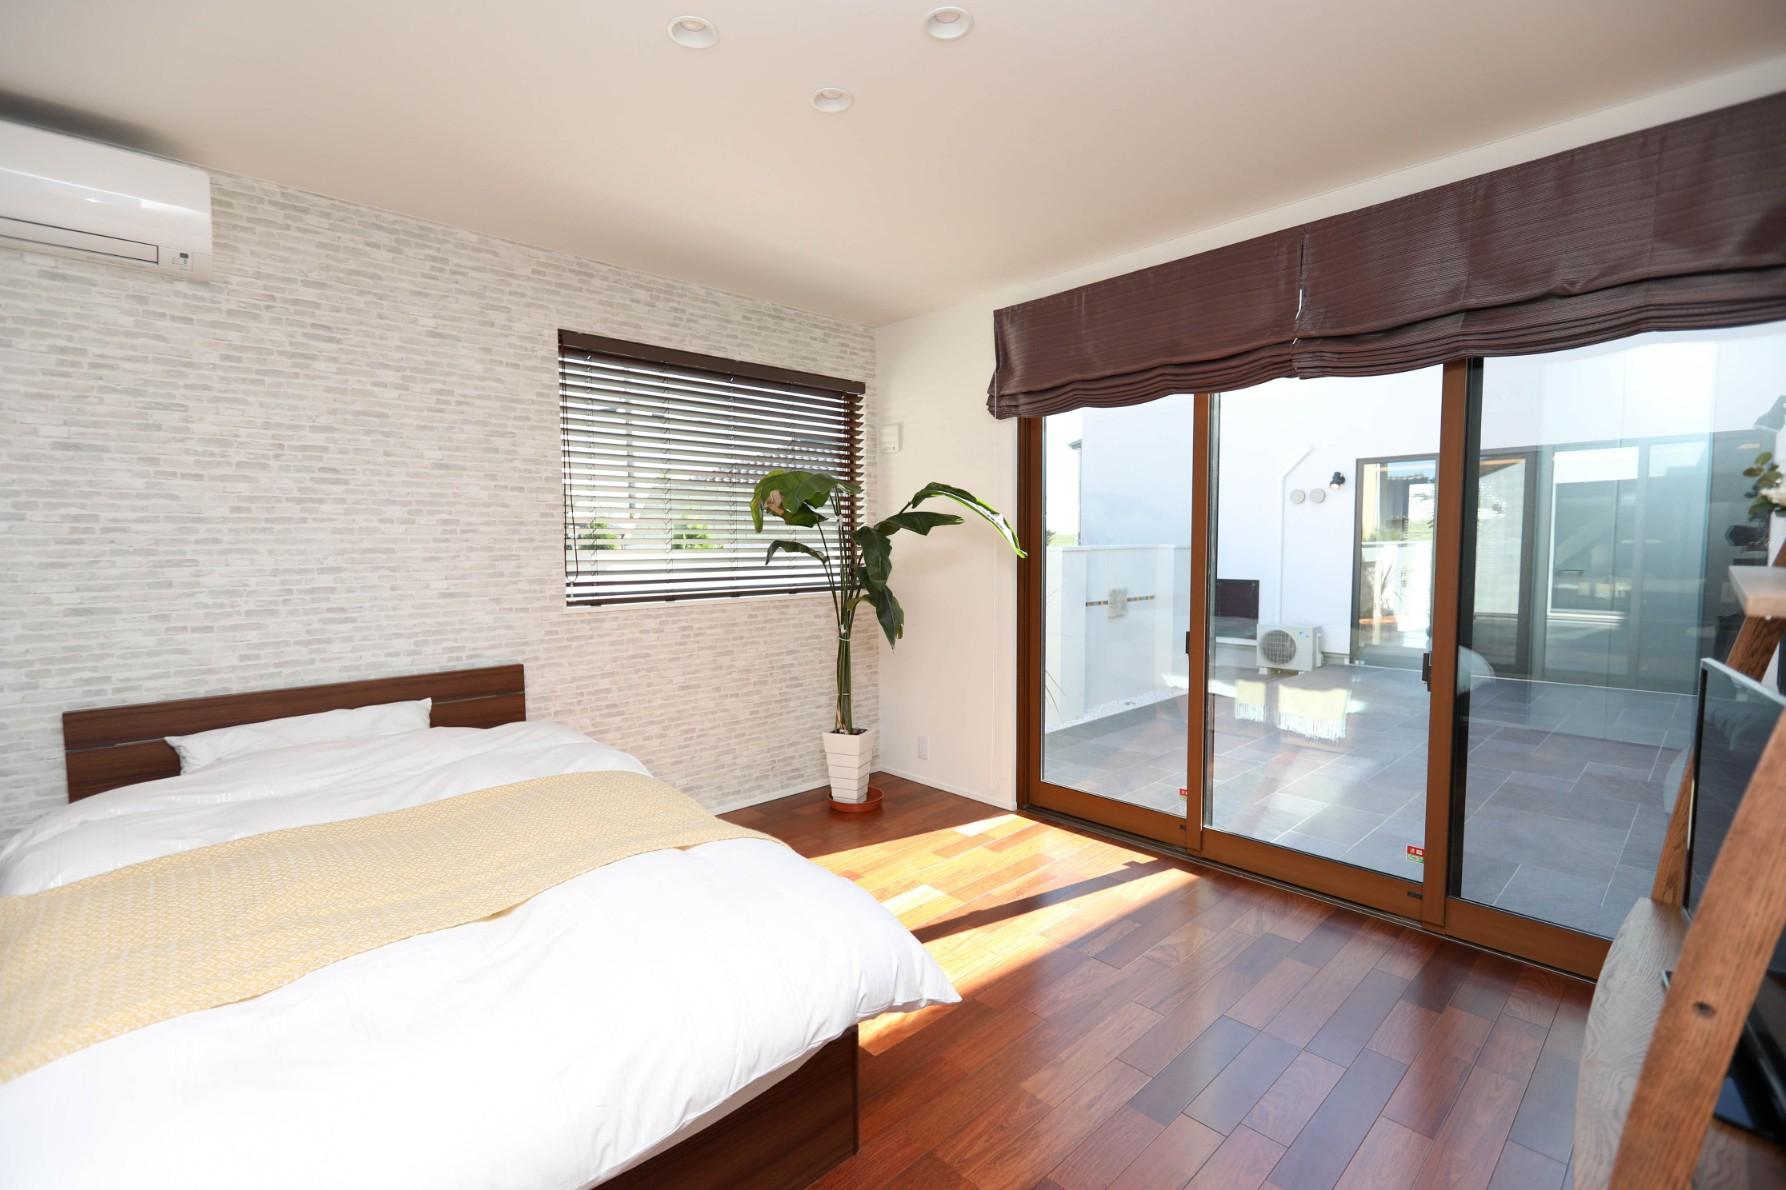 寝室をバリ島のリゾートホテルみたいにするには? 参考になるコーディネートまとめ